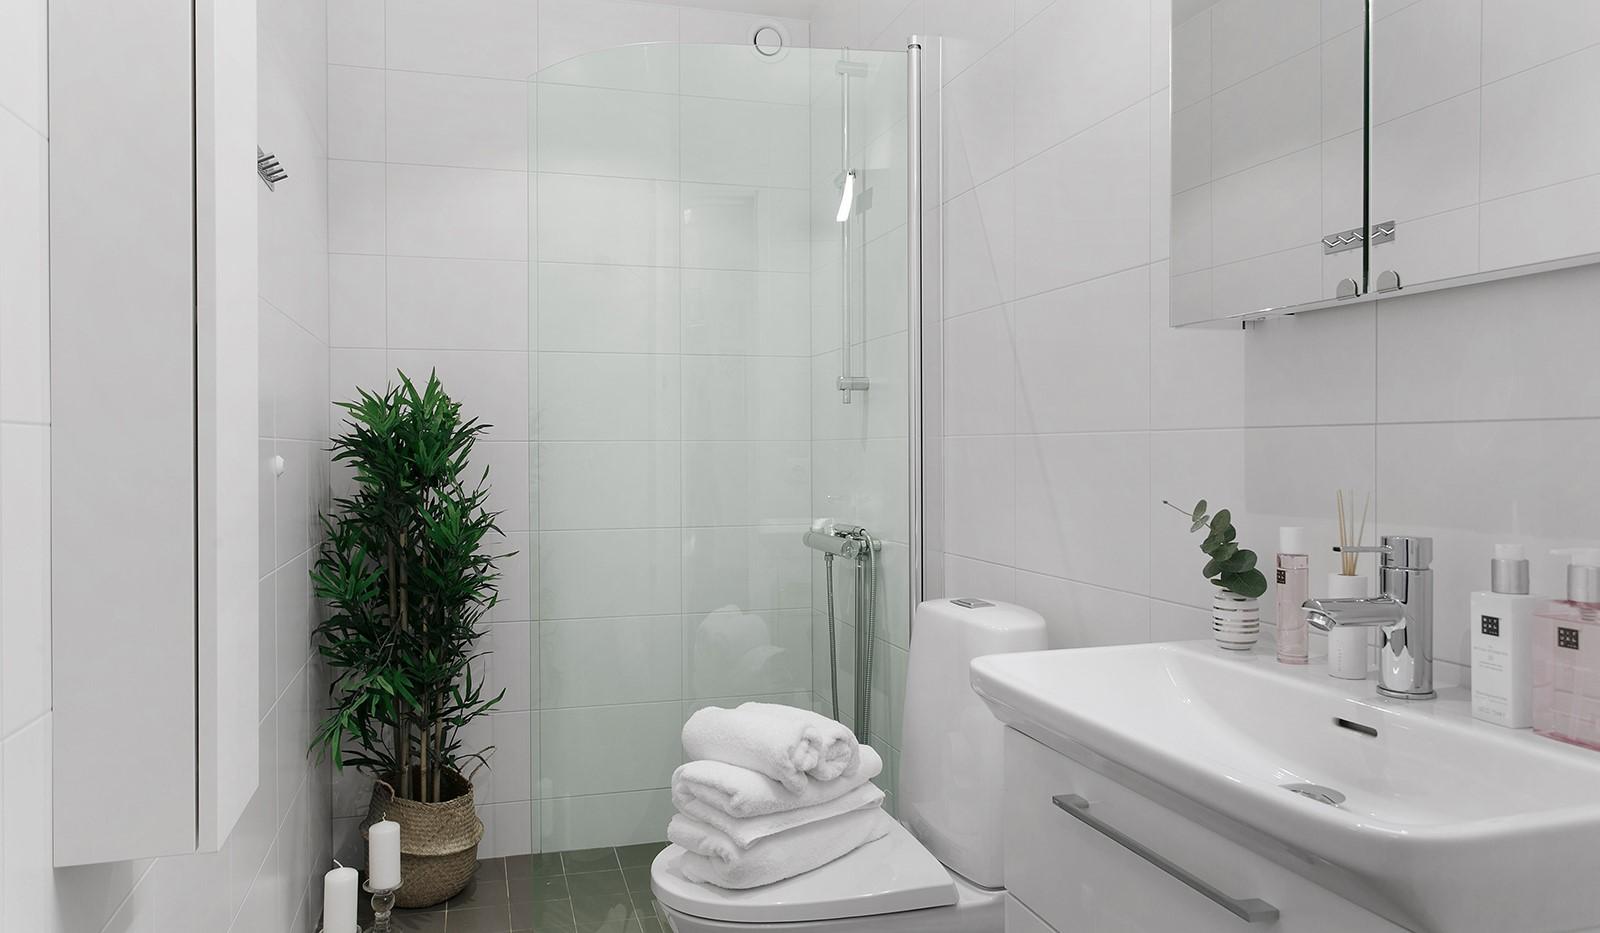 Oskarslundsbacken 13, 2tr - Stilrent och fullt utrustat badrum